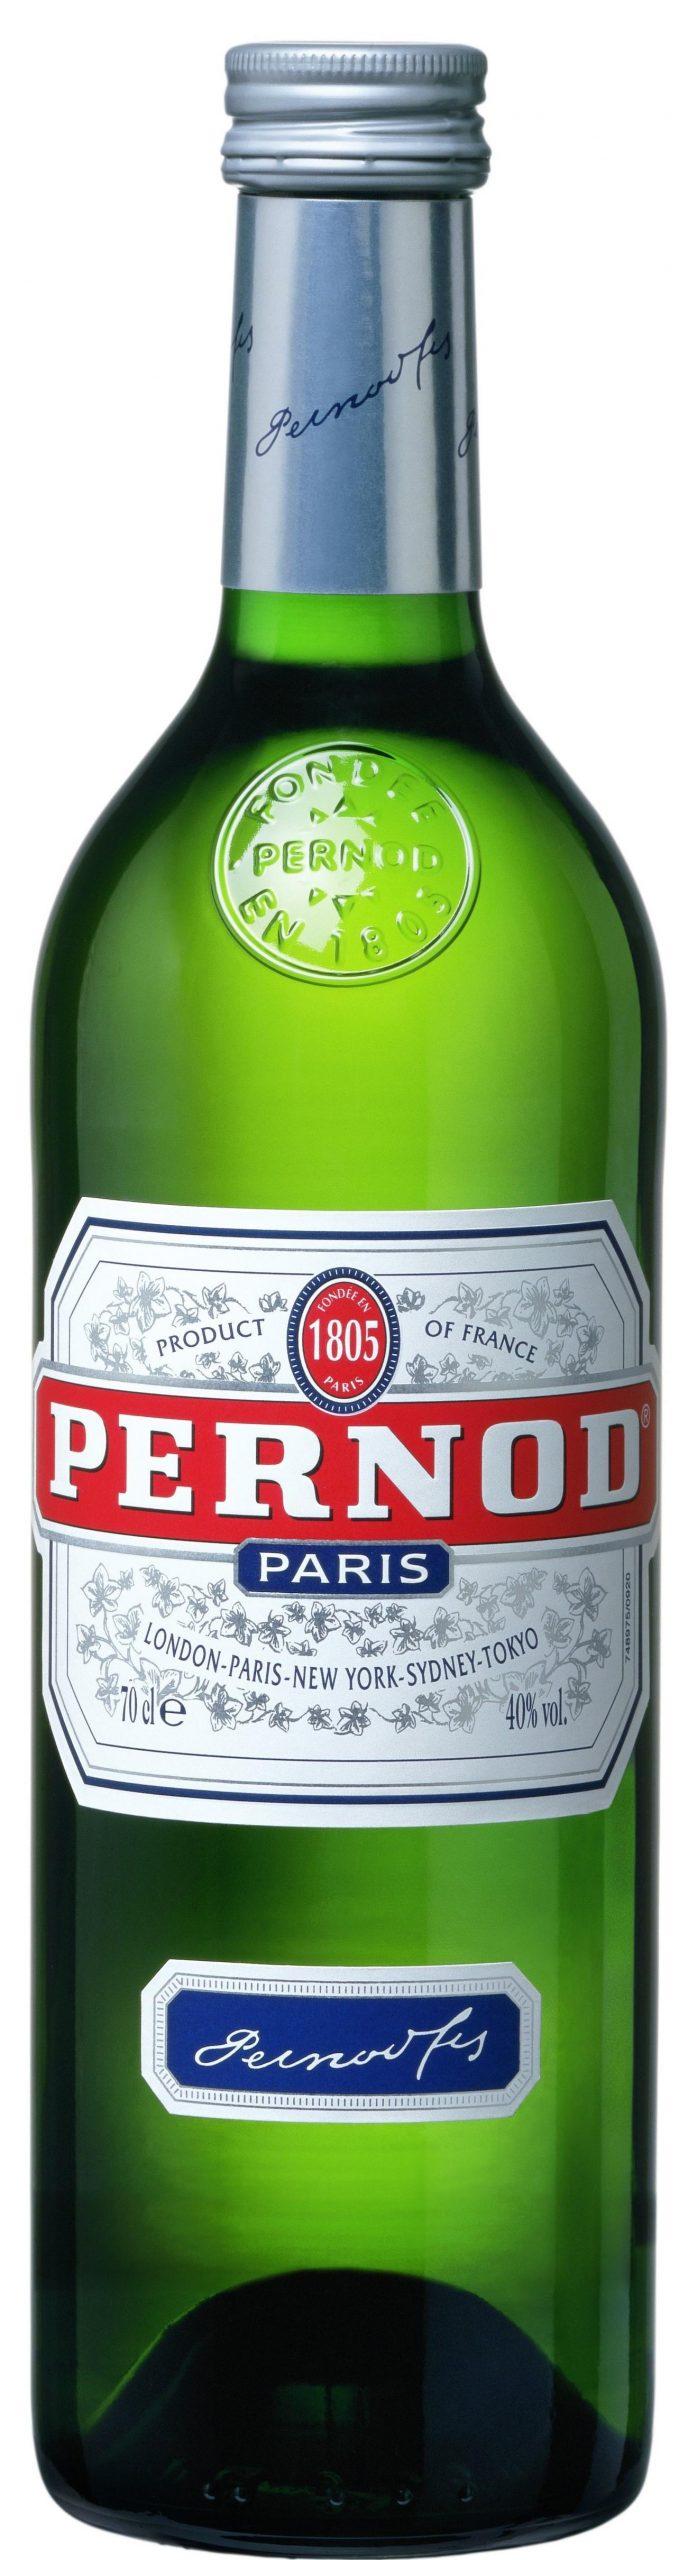 NV-Pernod Pastis